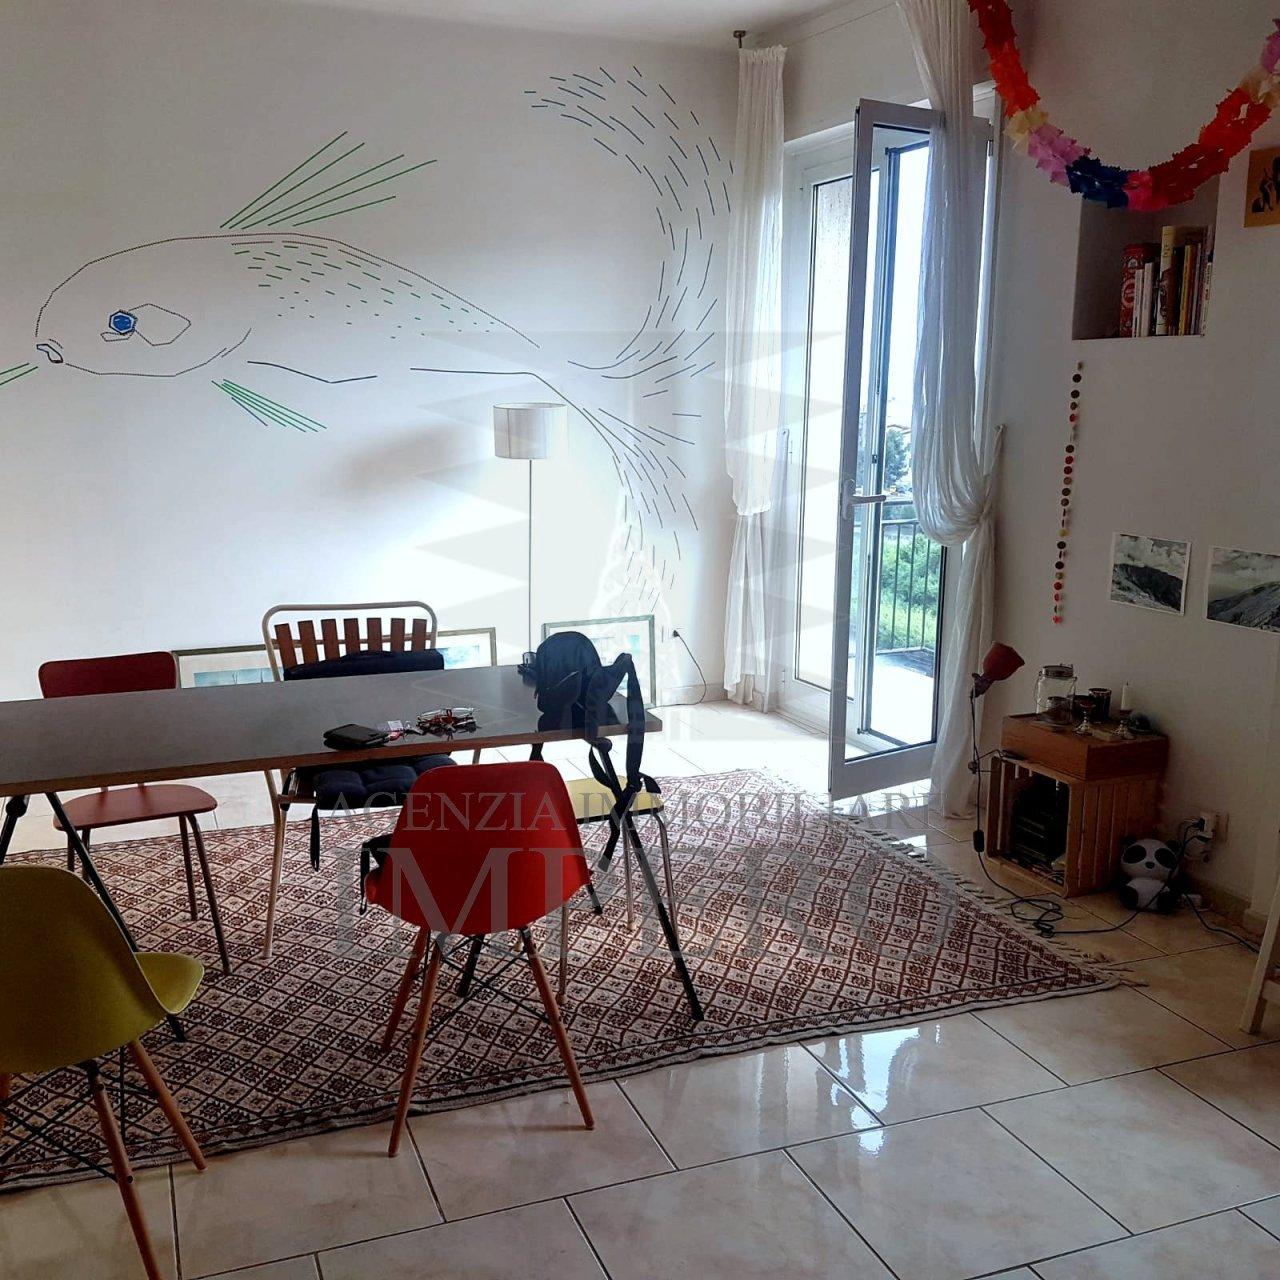 Attico / Mansarda in vendita a Ventimiglia, 5 locali, prezzo € 320.000 | PortaleAgenzieImmobiliari.it